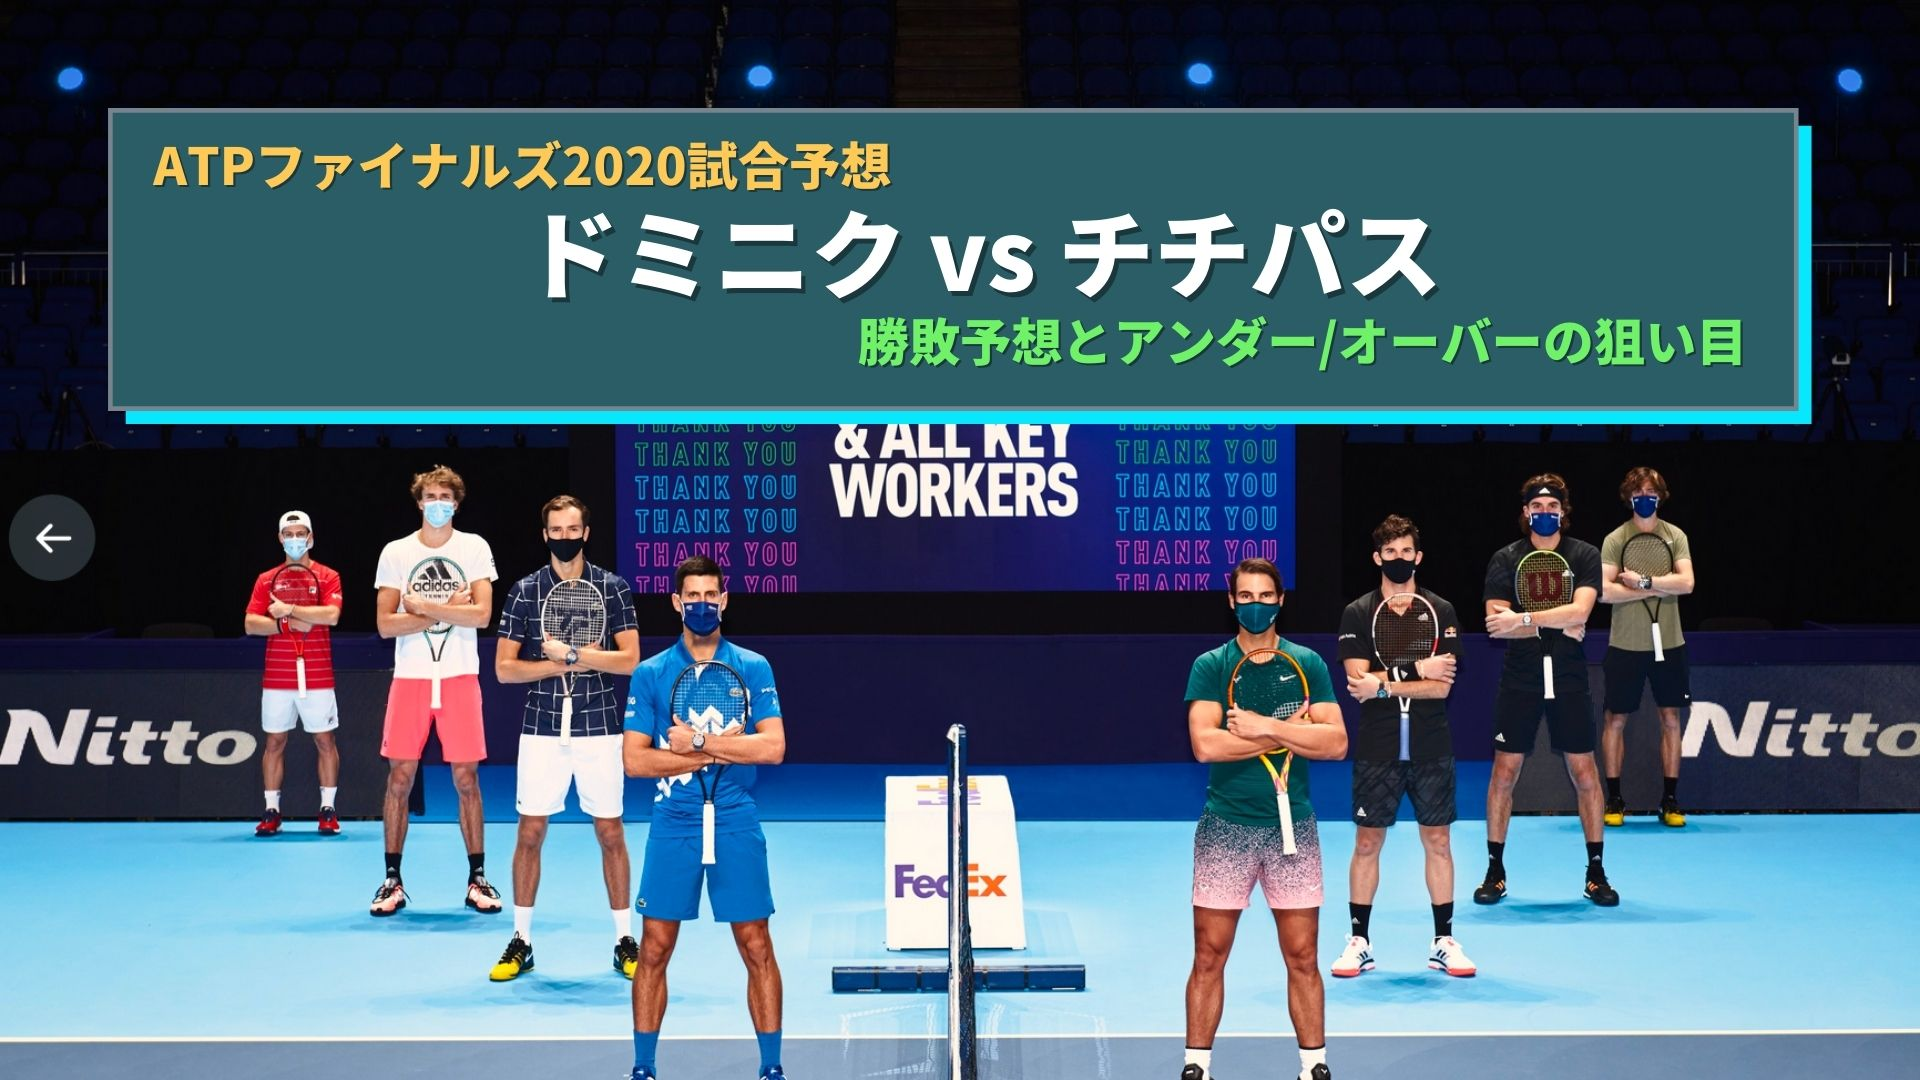 ATPファイナルズ2020のブックメーカーテニス予想